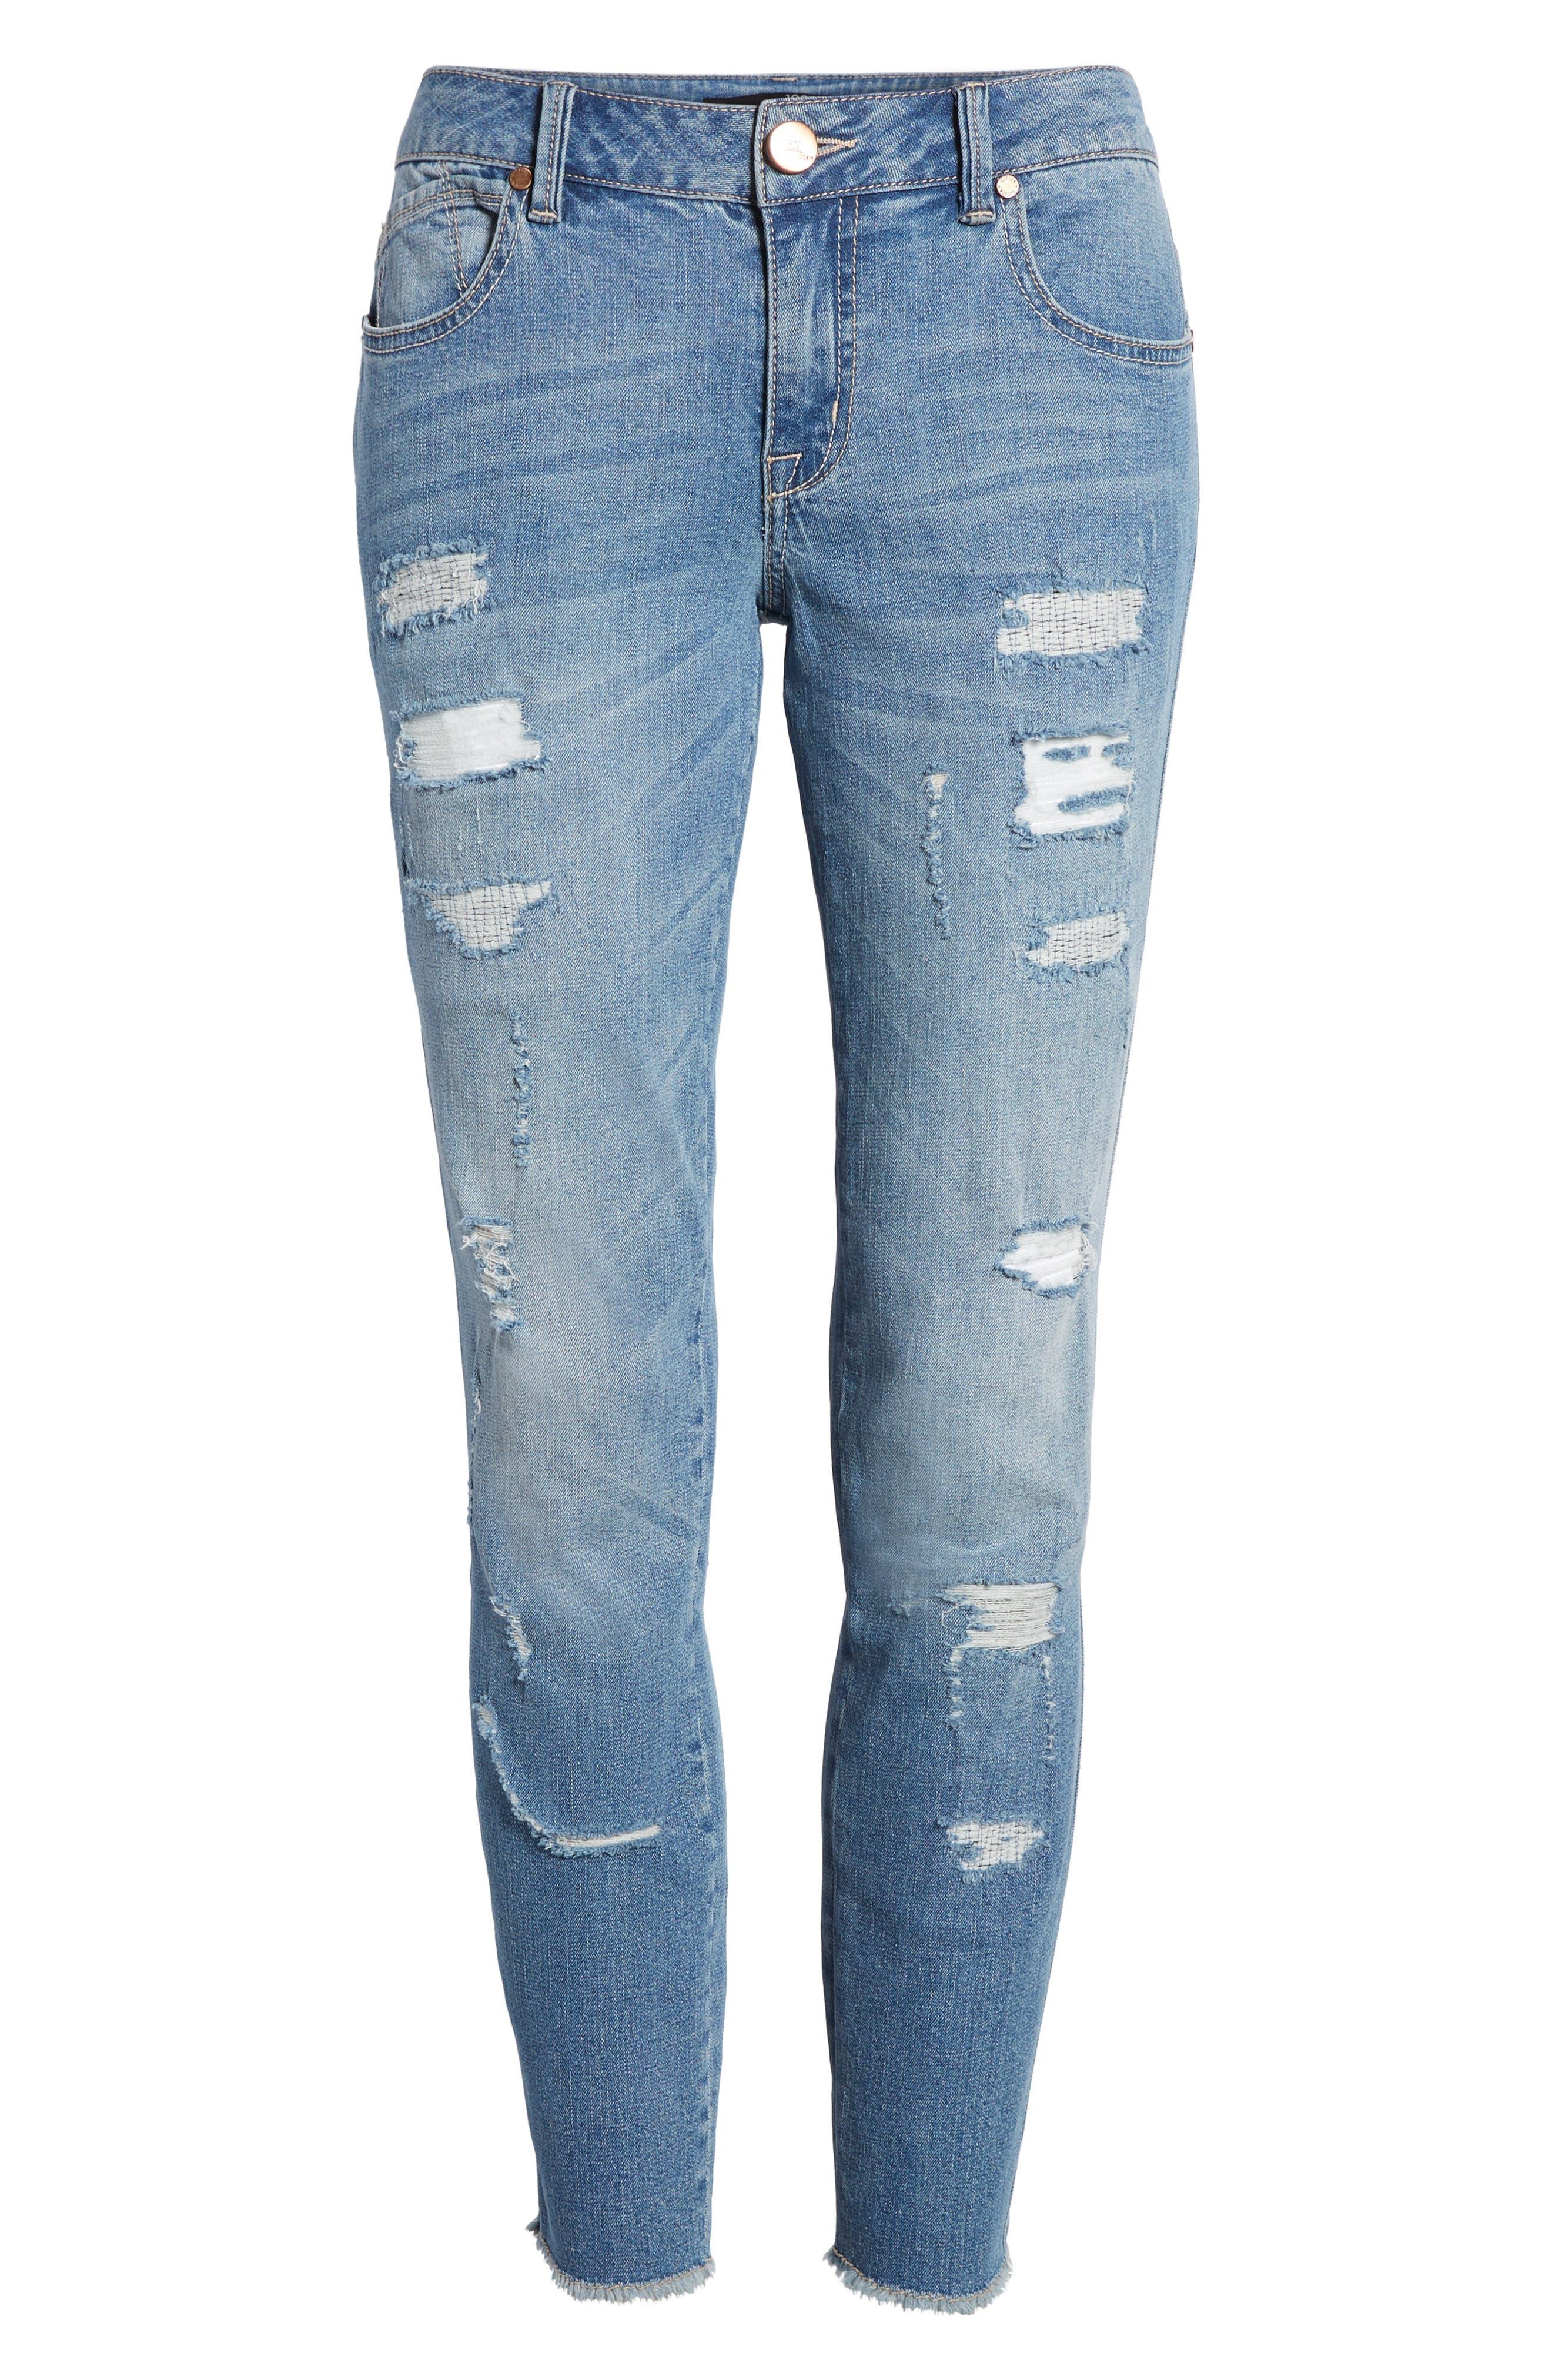 Rip & Repair Ankle Skinny Jeans,                             Alternate thumbnail 7, color,                             Pearl Jam